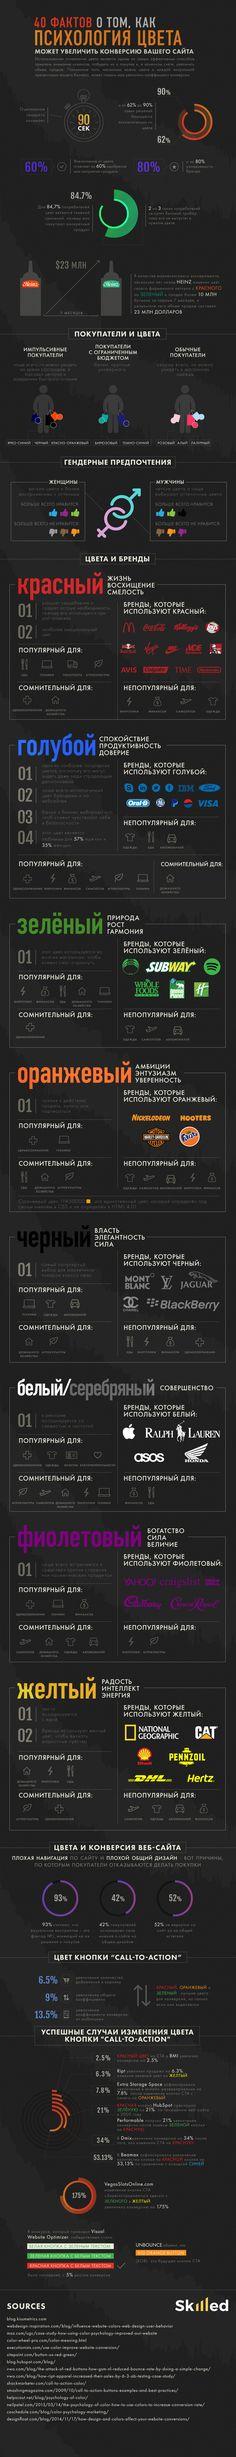 40 фактов о психологии цвета, инфографика